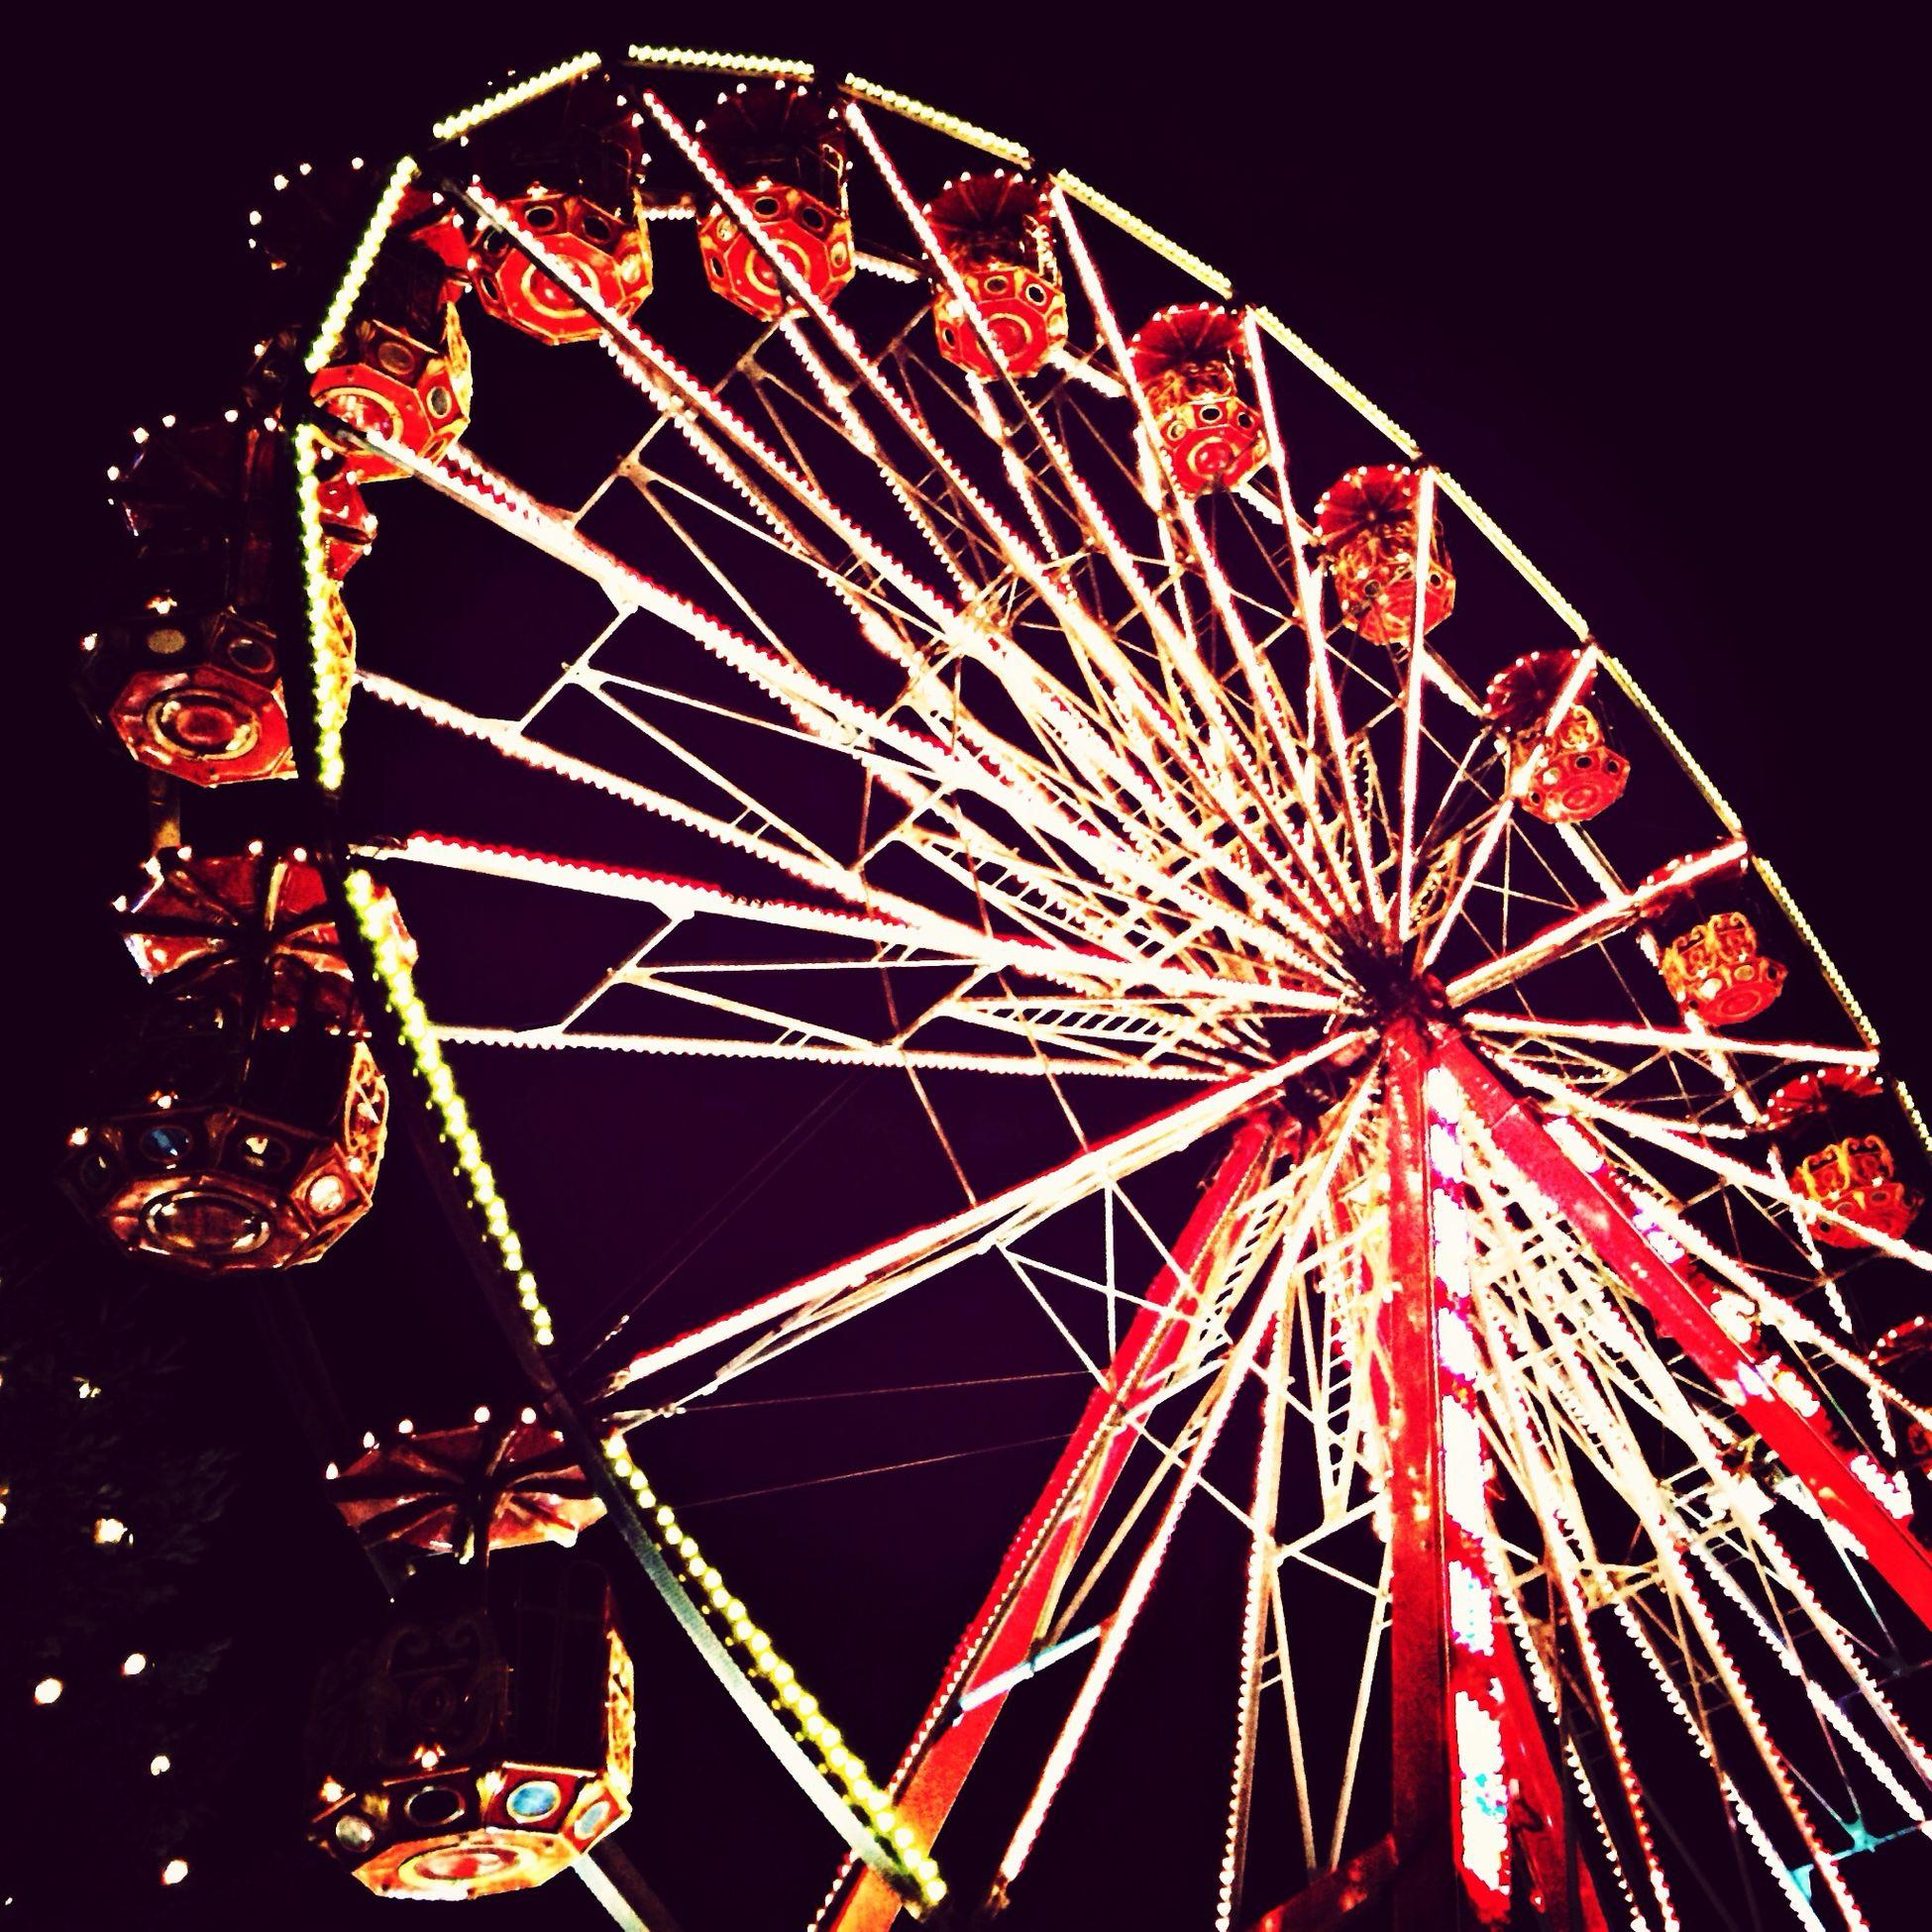 Weihnachtsmarkt Bremgarten Riesenrad EyeEmSwiss Bremgarten